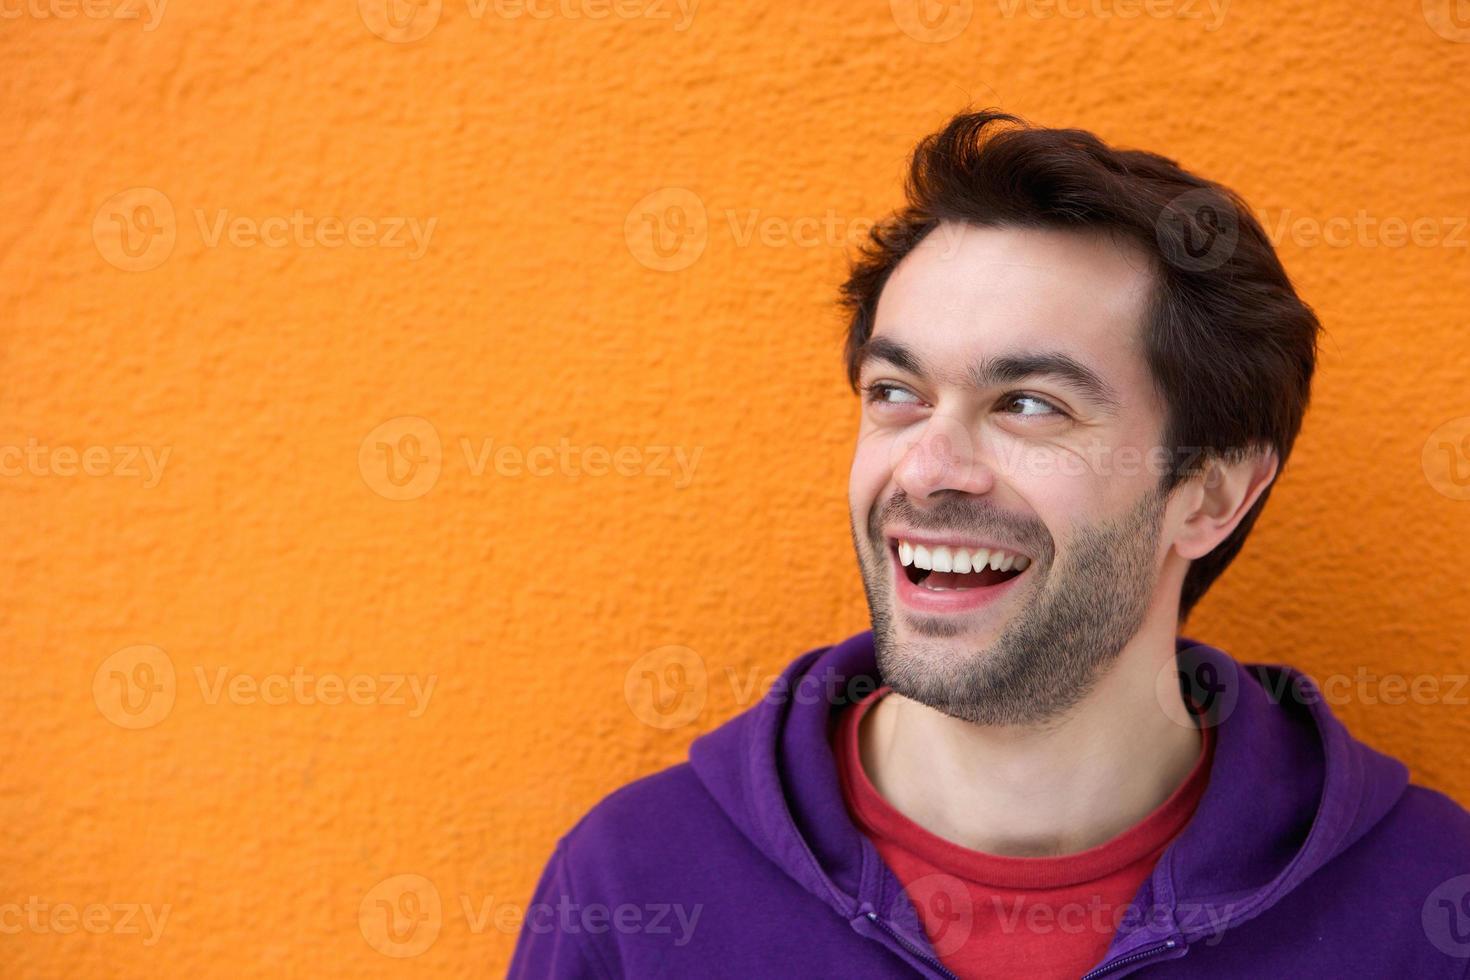 jovem rosto sorridente, olhando para o espaço da cópia foto